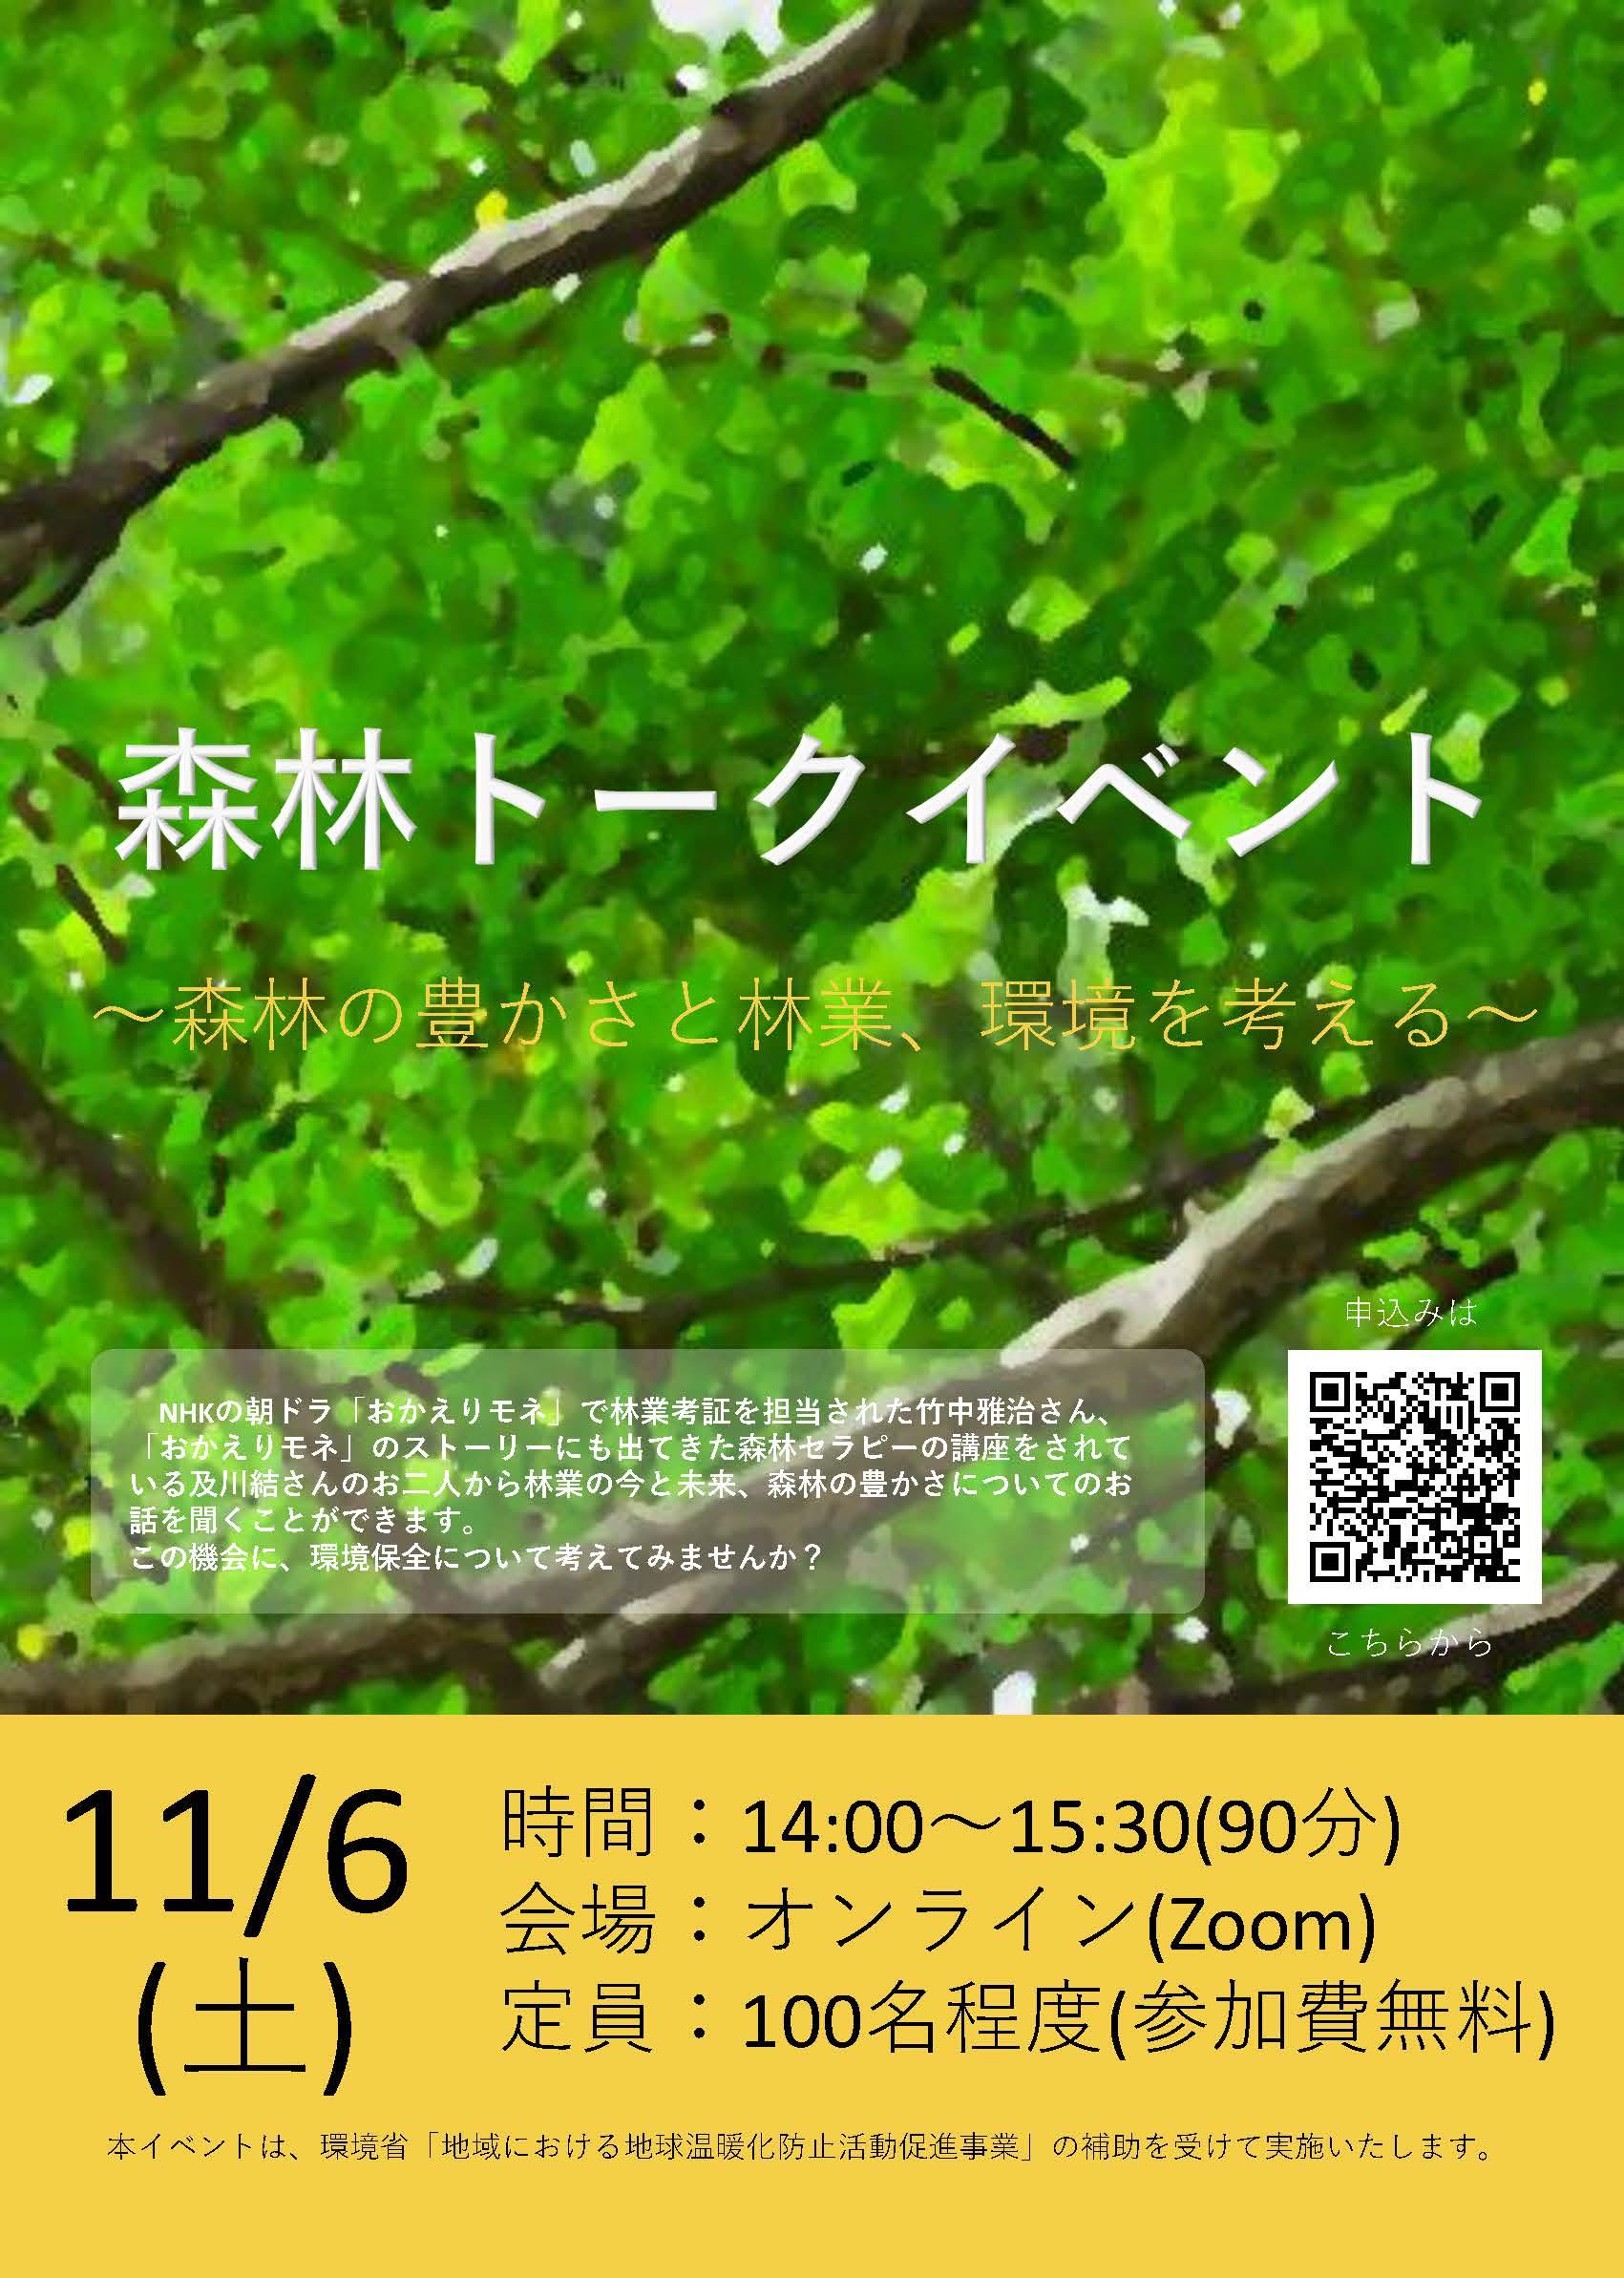 【オンラインで開催】森林トークイベント~森林の豊かさと林業、環境を考える~*11月6日(土)14:00~15:30